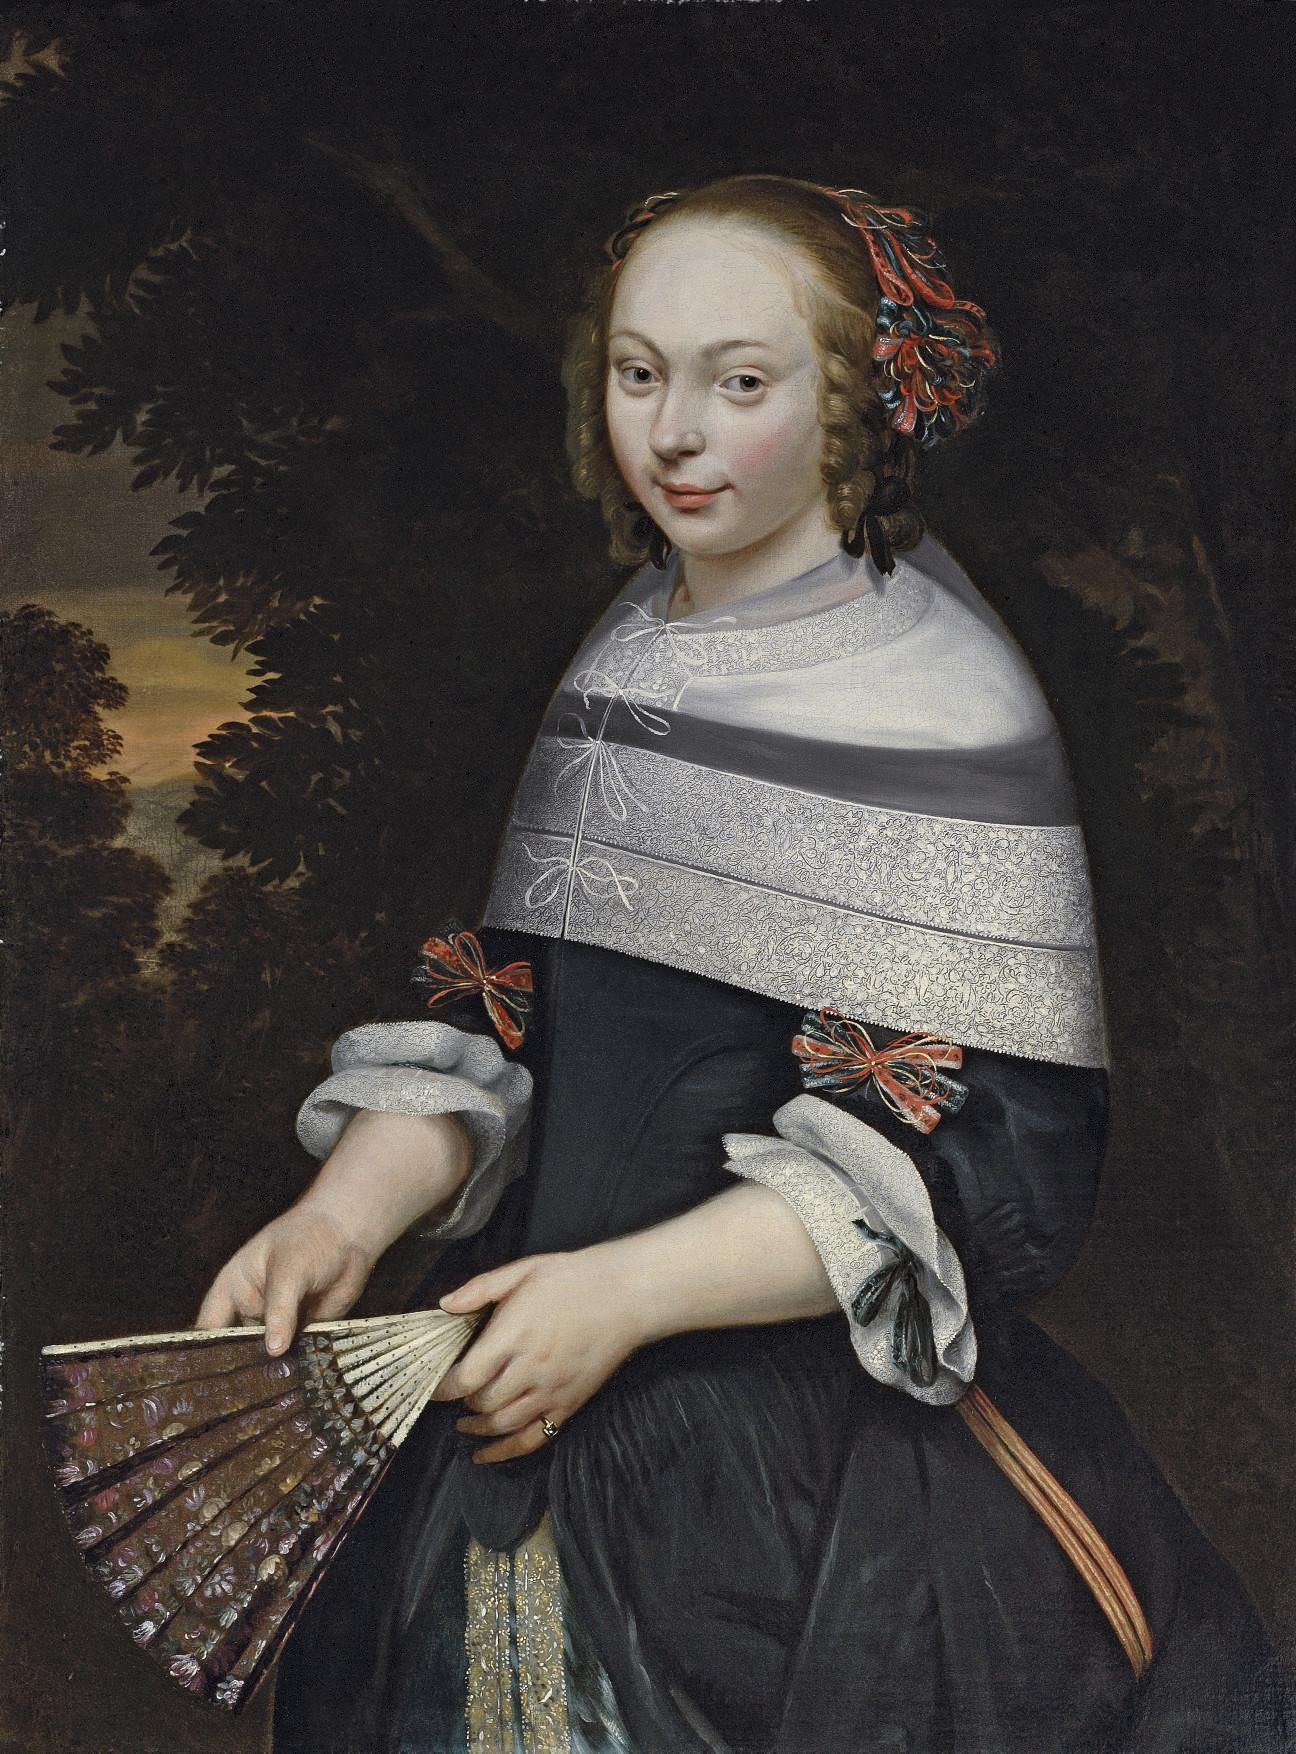 Dutch School, circa 1650